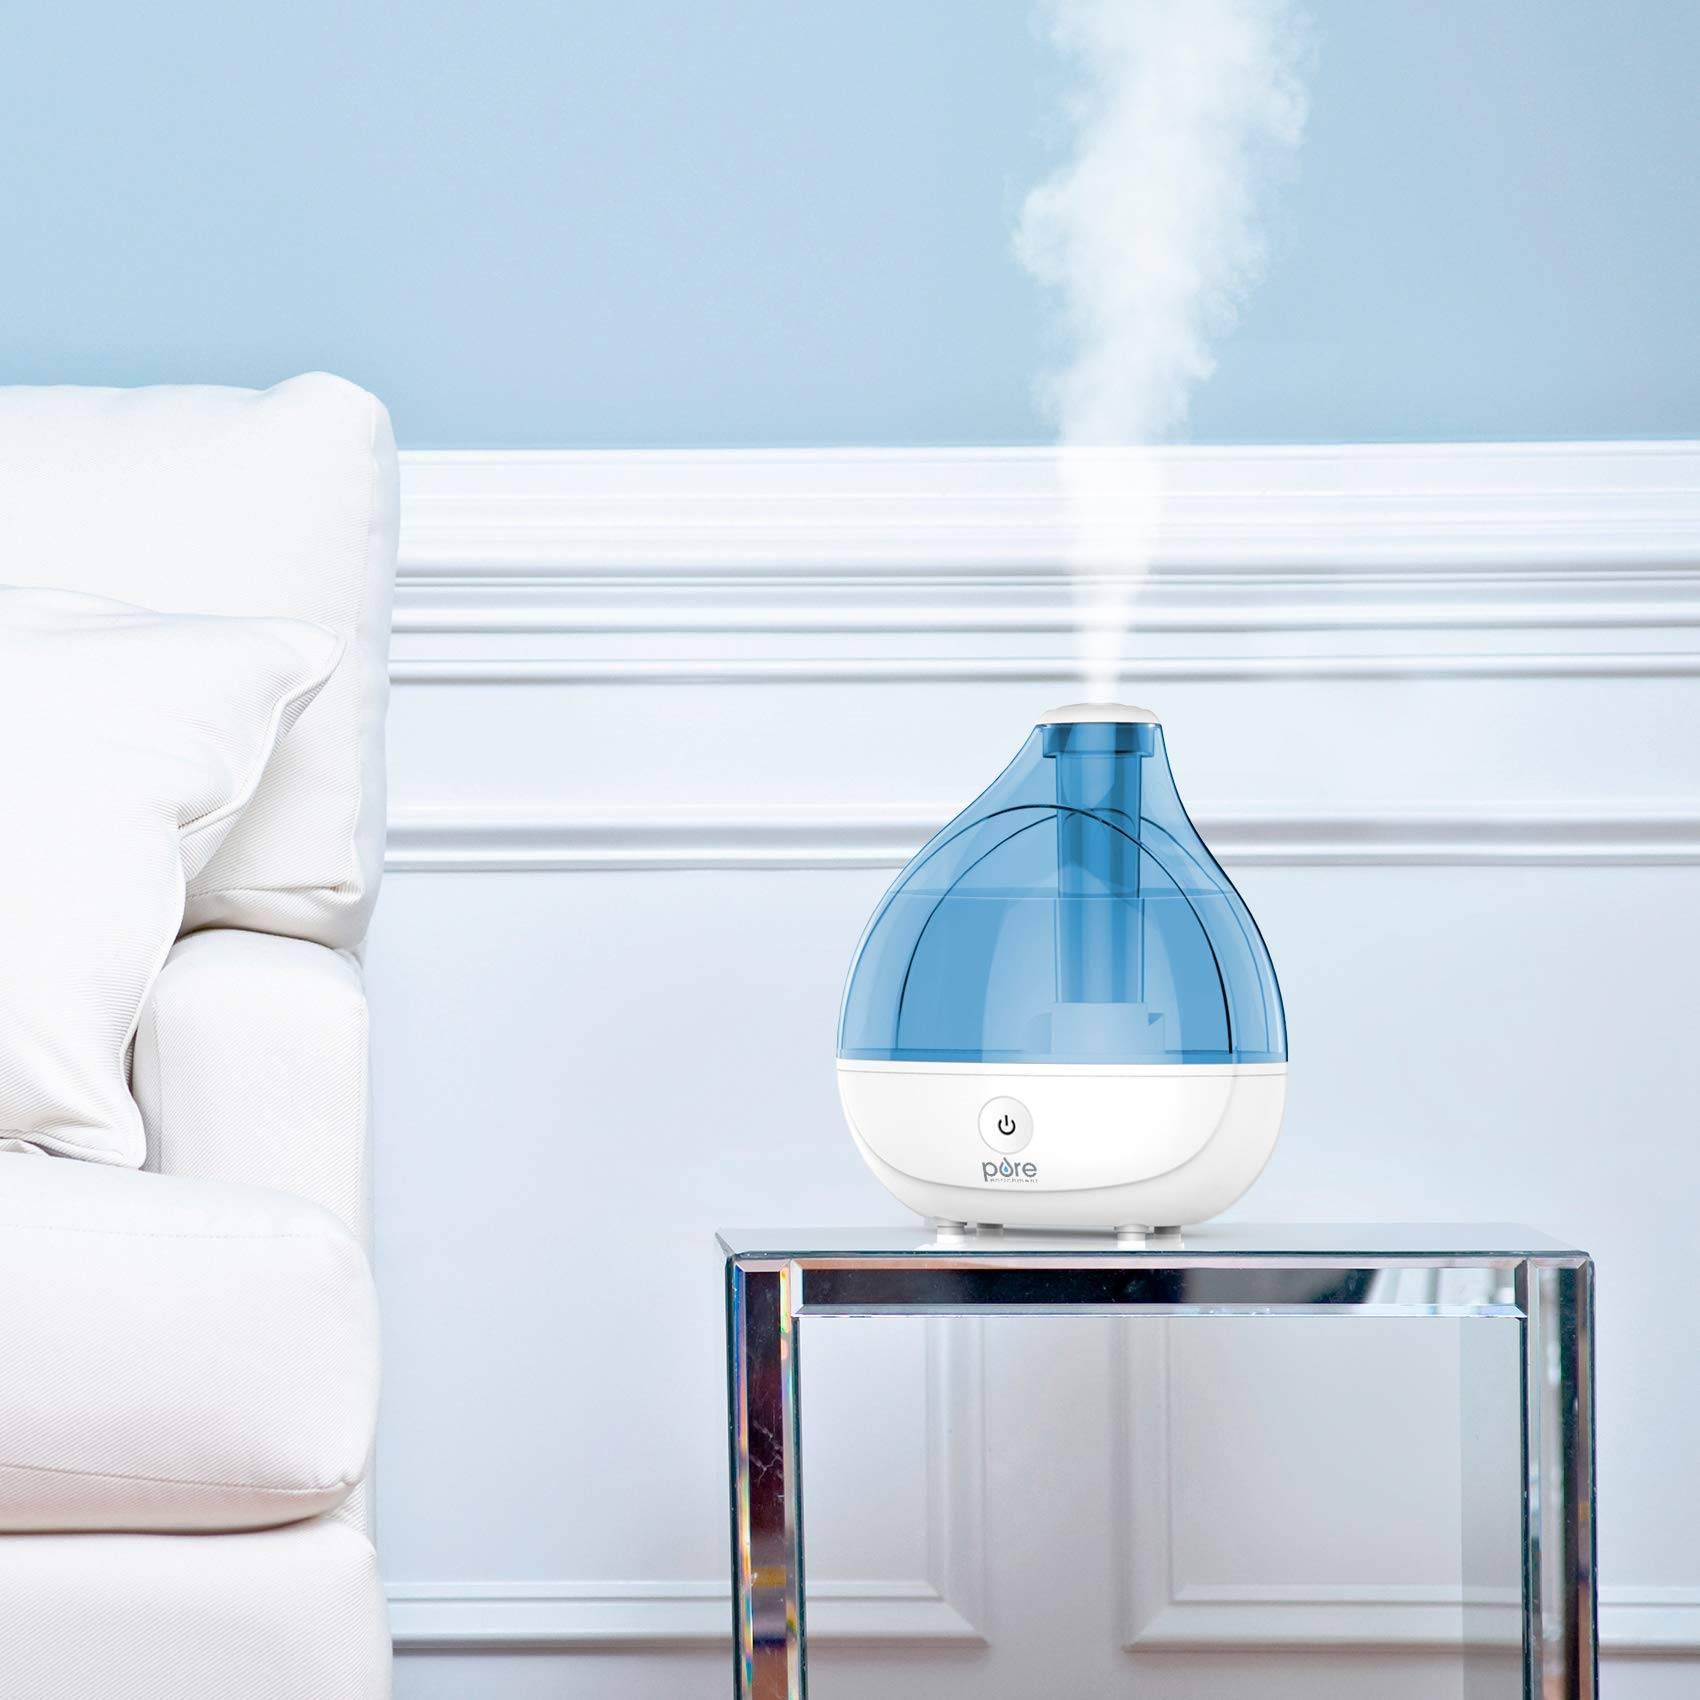 Как выбрать увлажнитель воздуха: параметры и лучшие модели